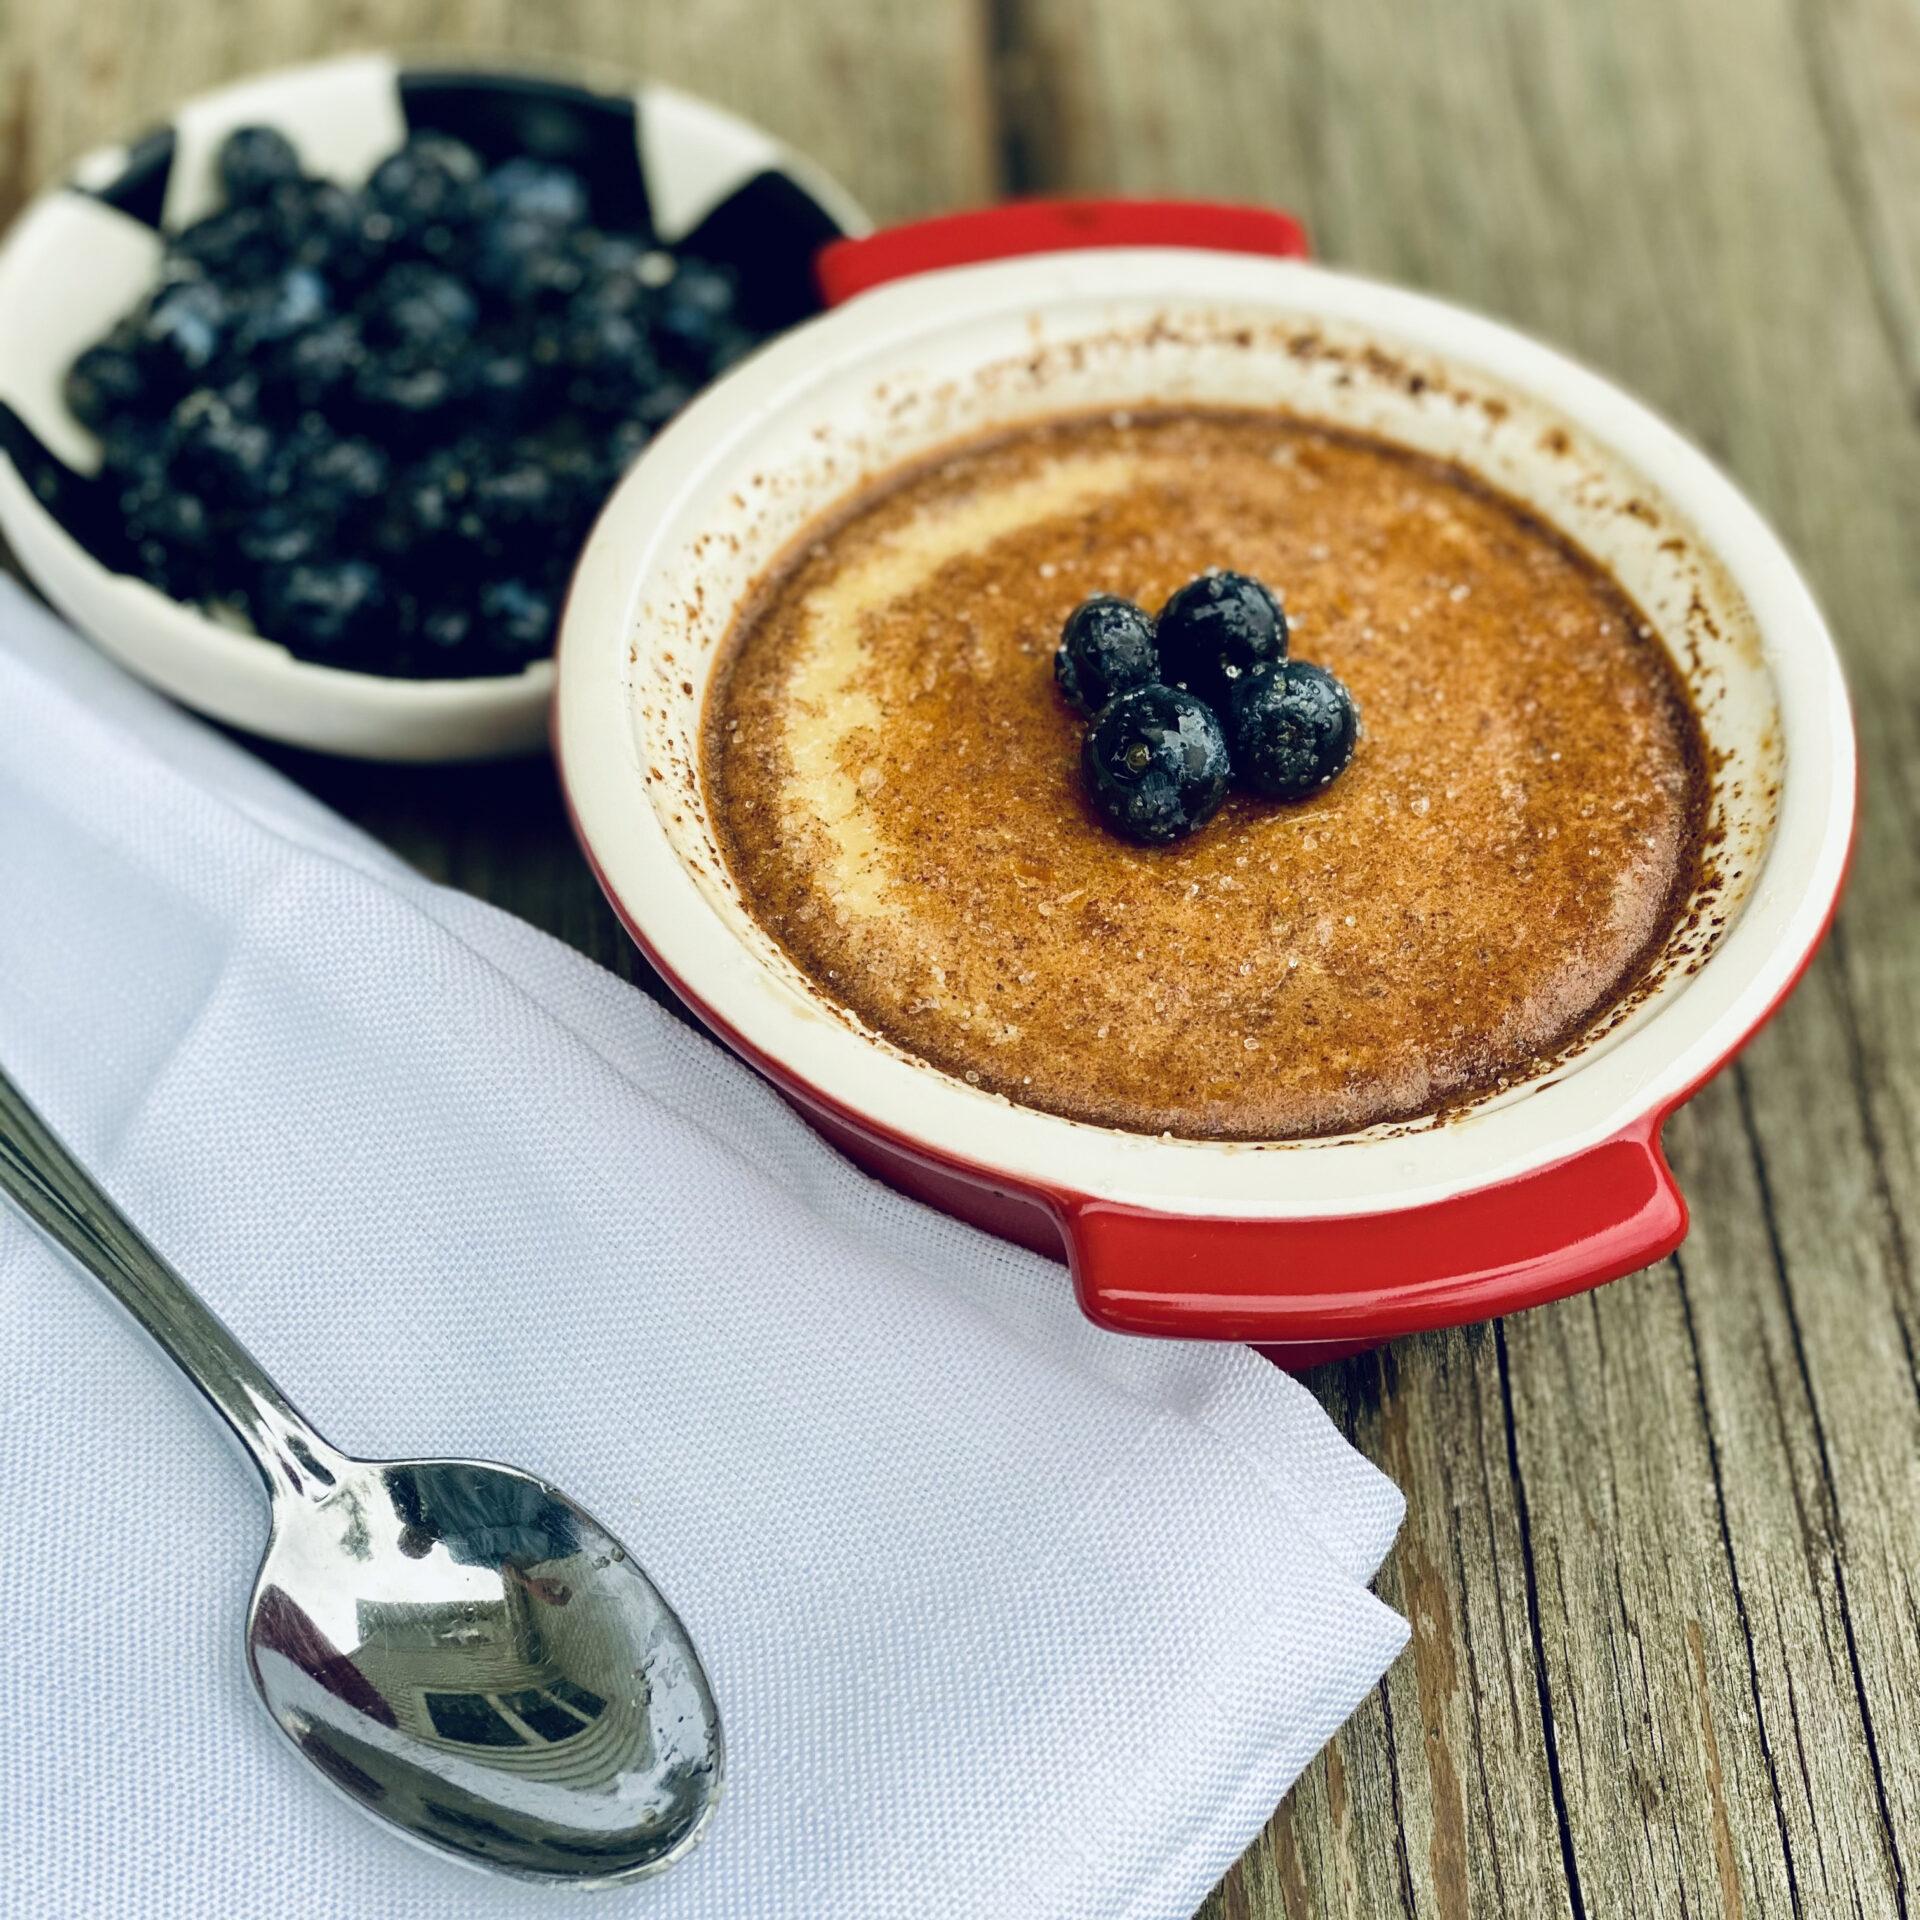 Honey Egg Custard With Fresh Blueberries